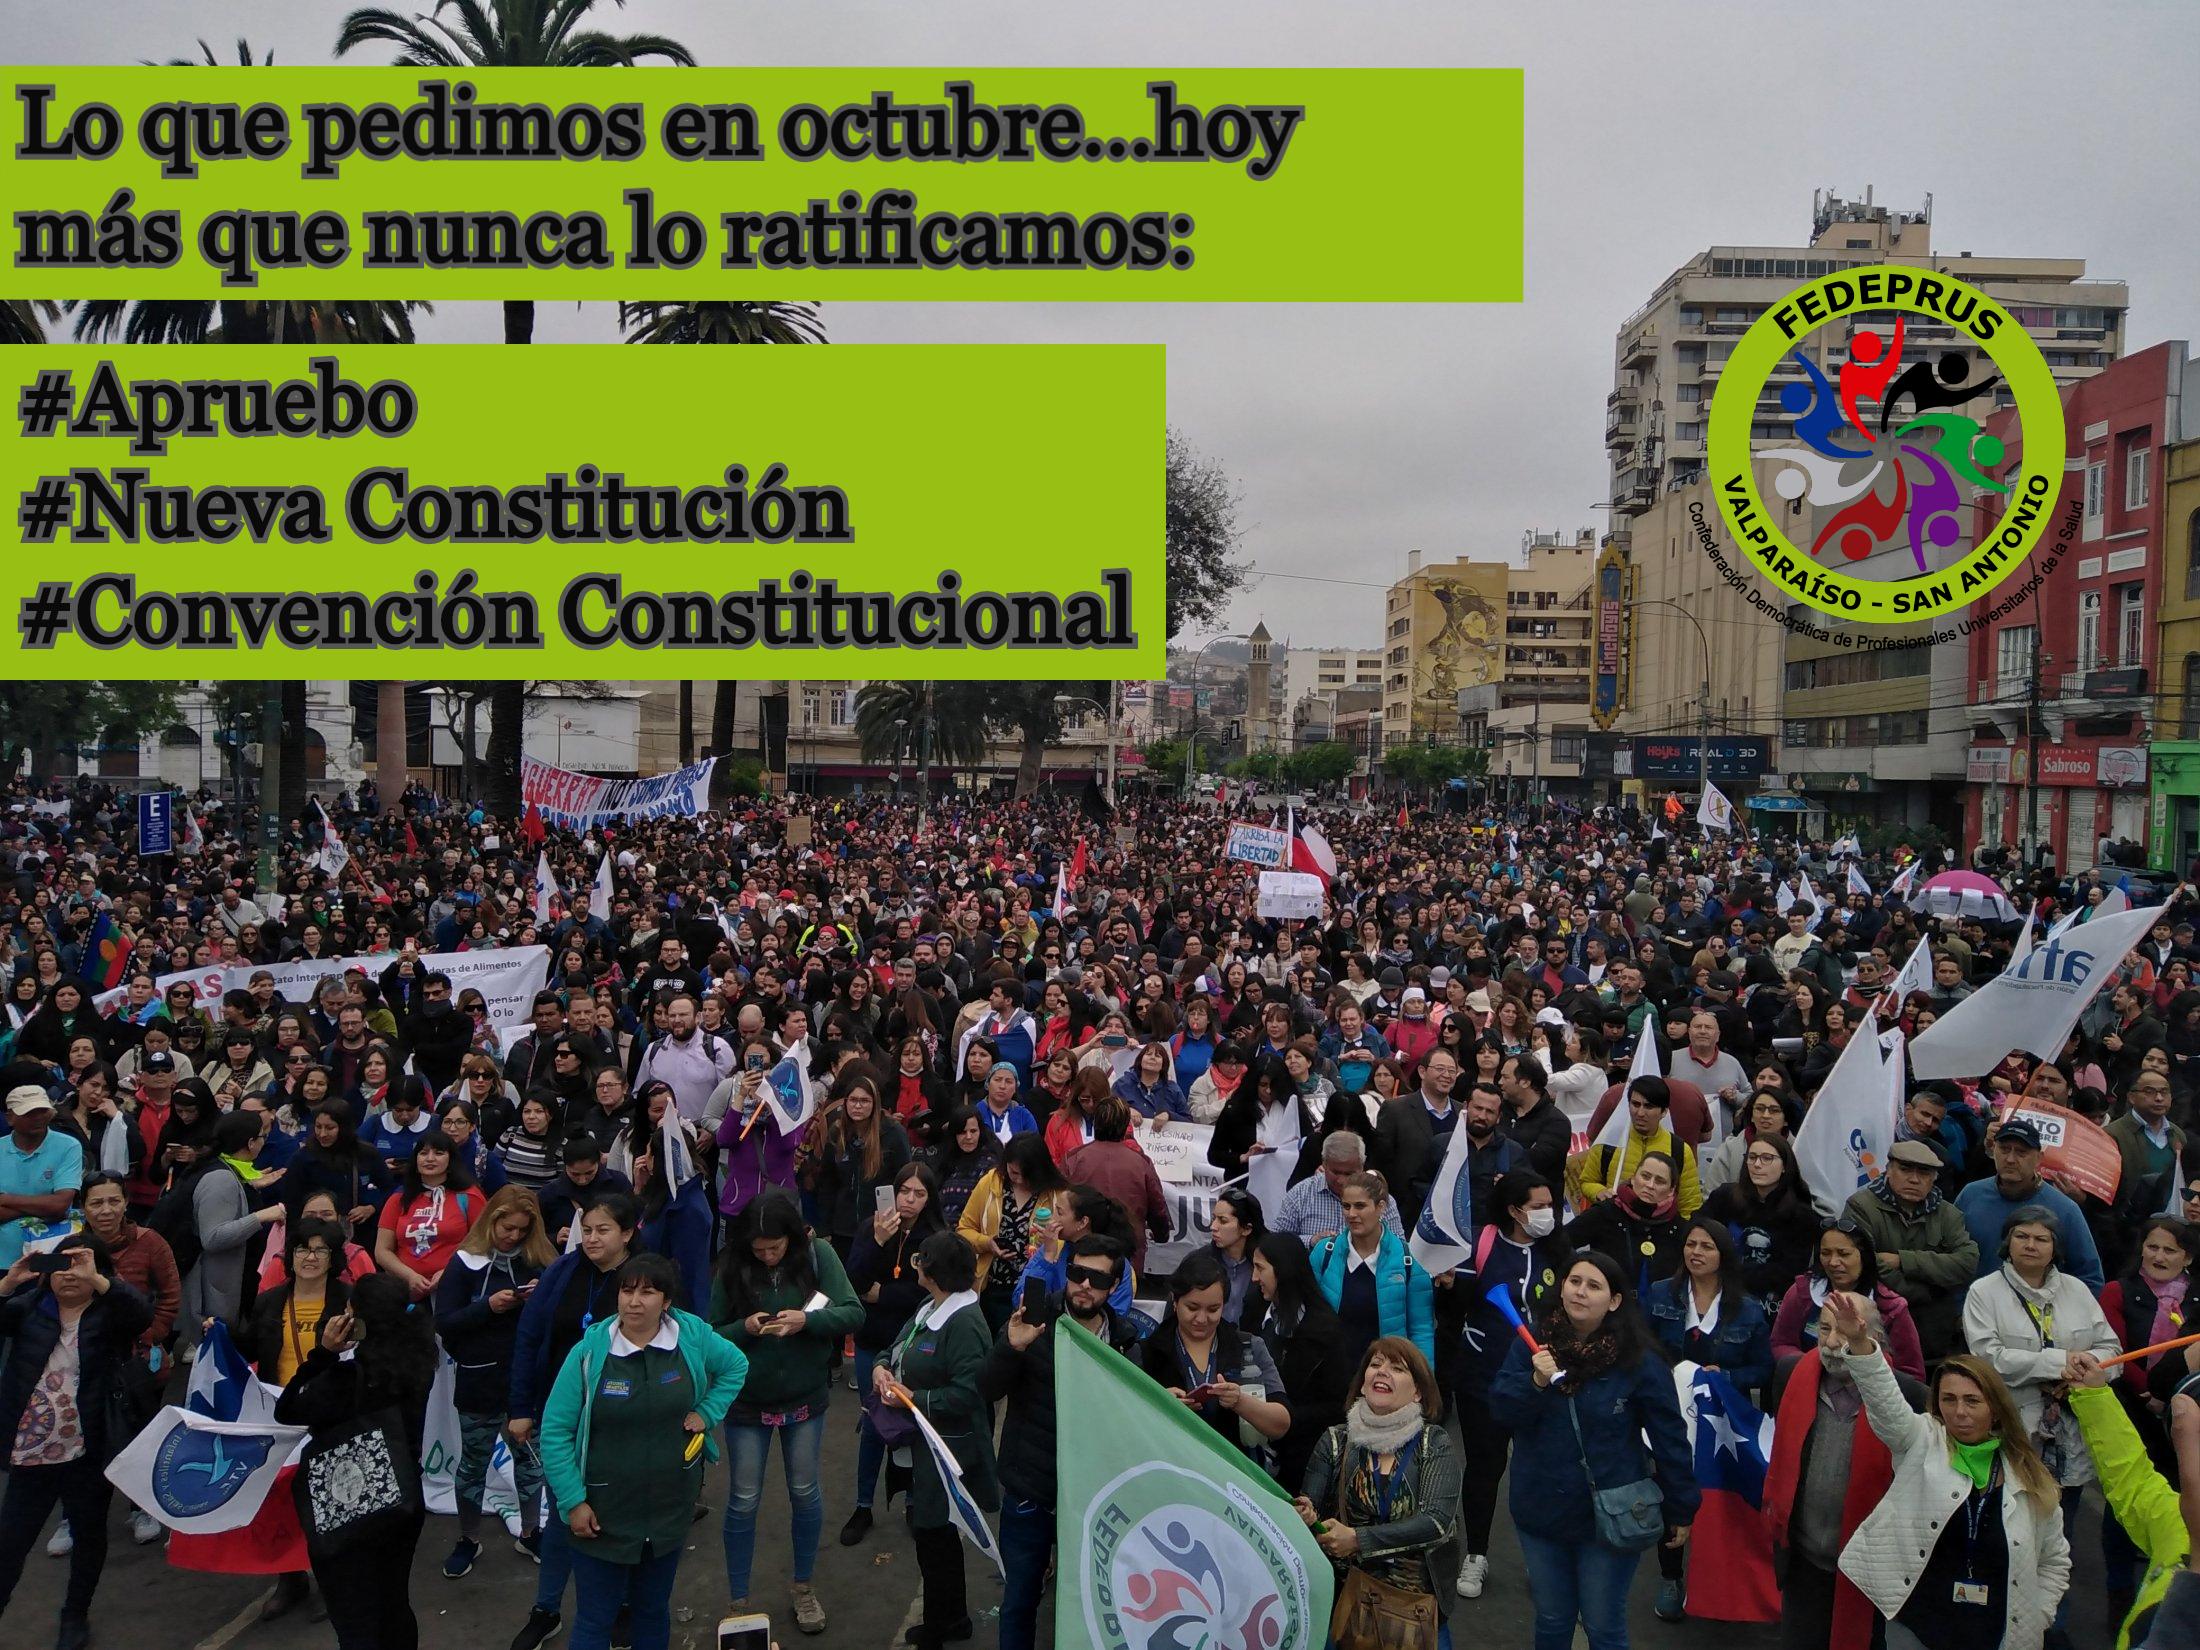 Por una nueva Constitución para una nueva Salud: APRUEBO